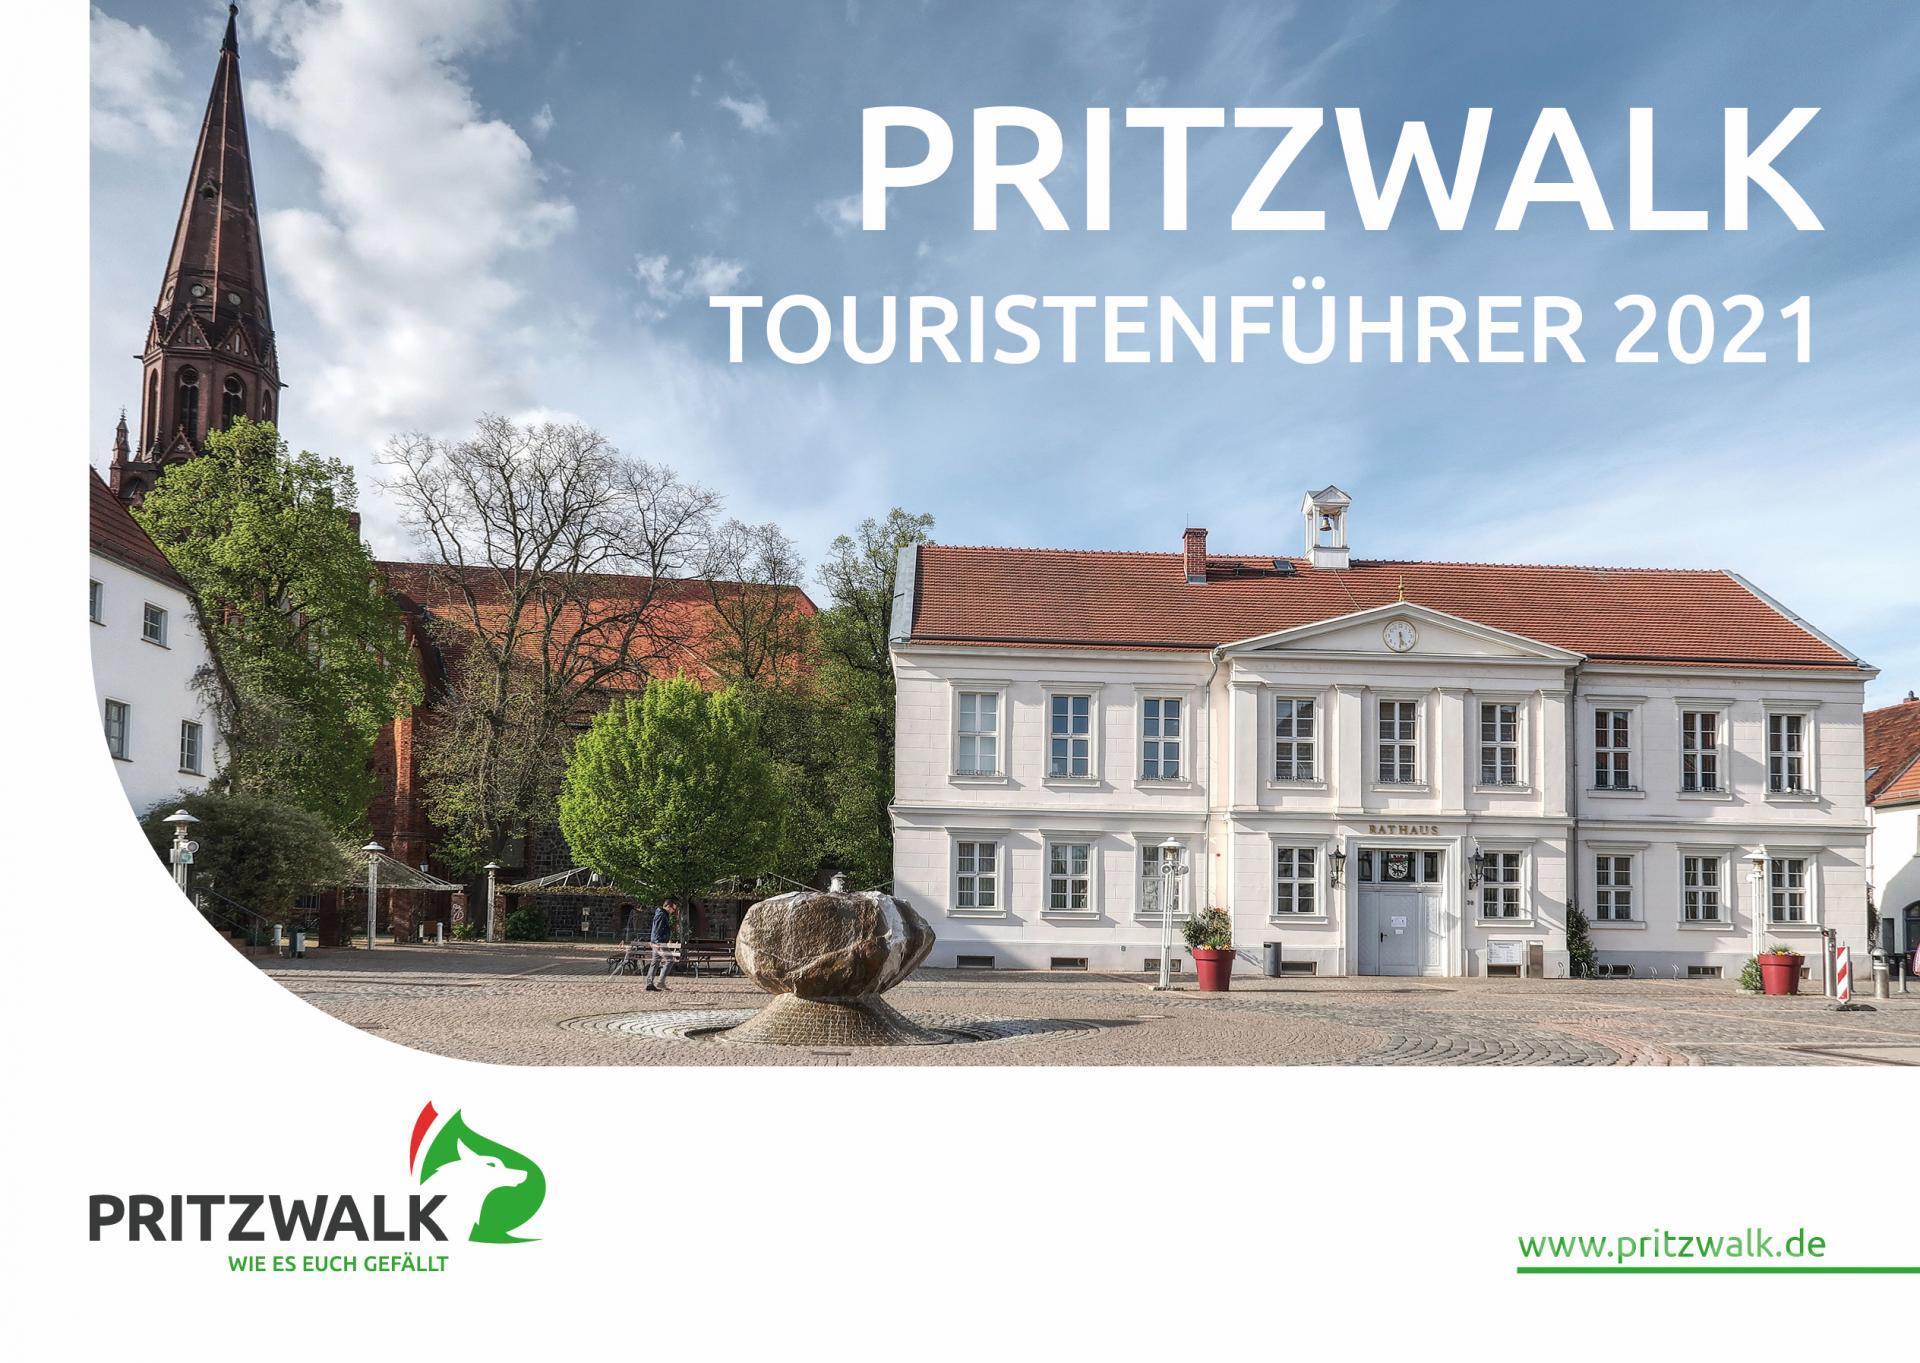 ristenführer Pritzwalk 2021